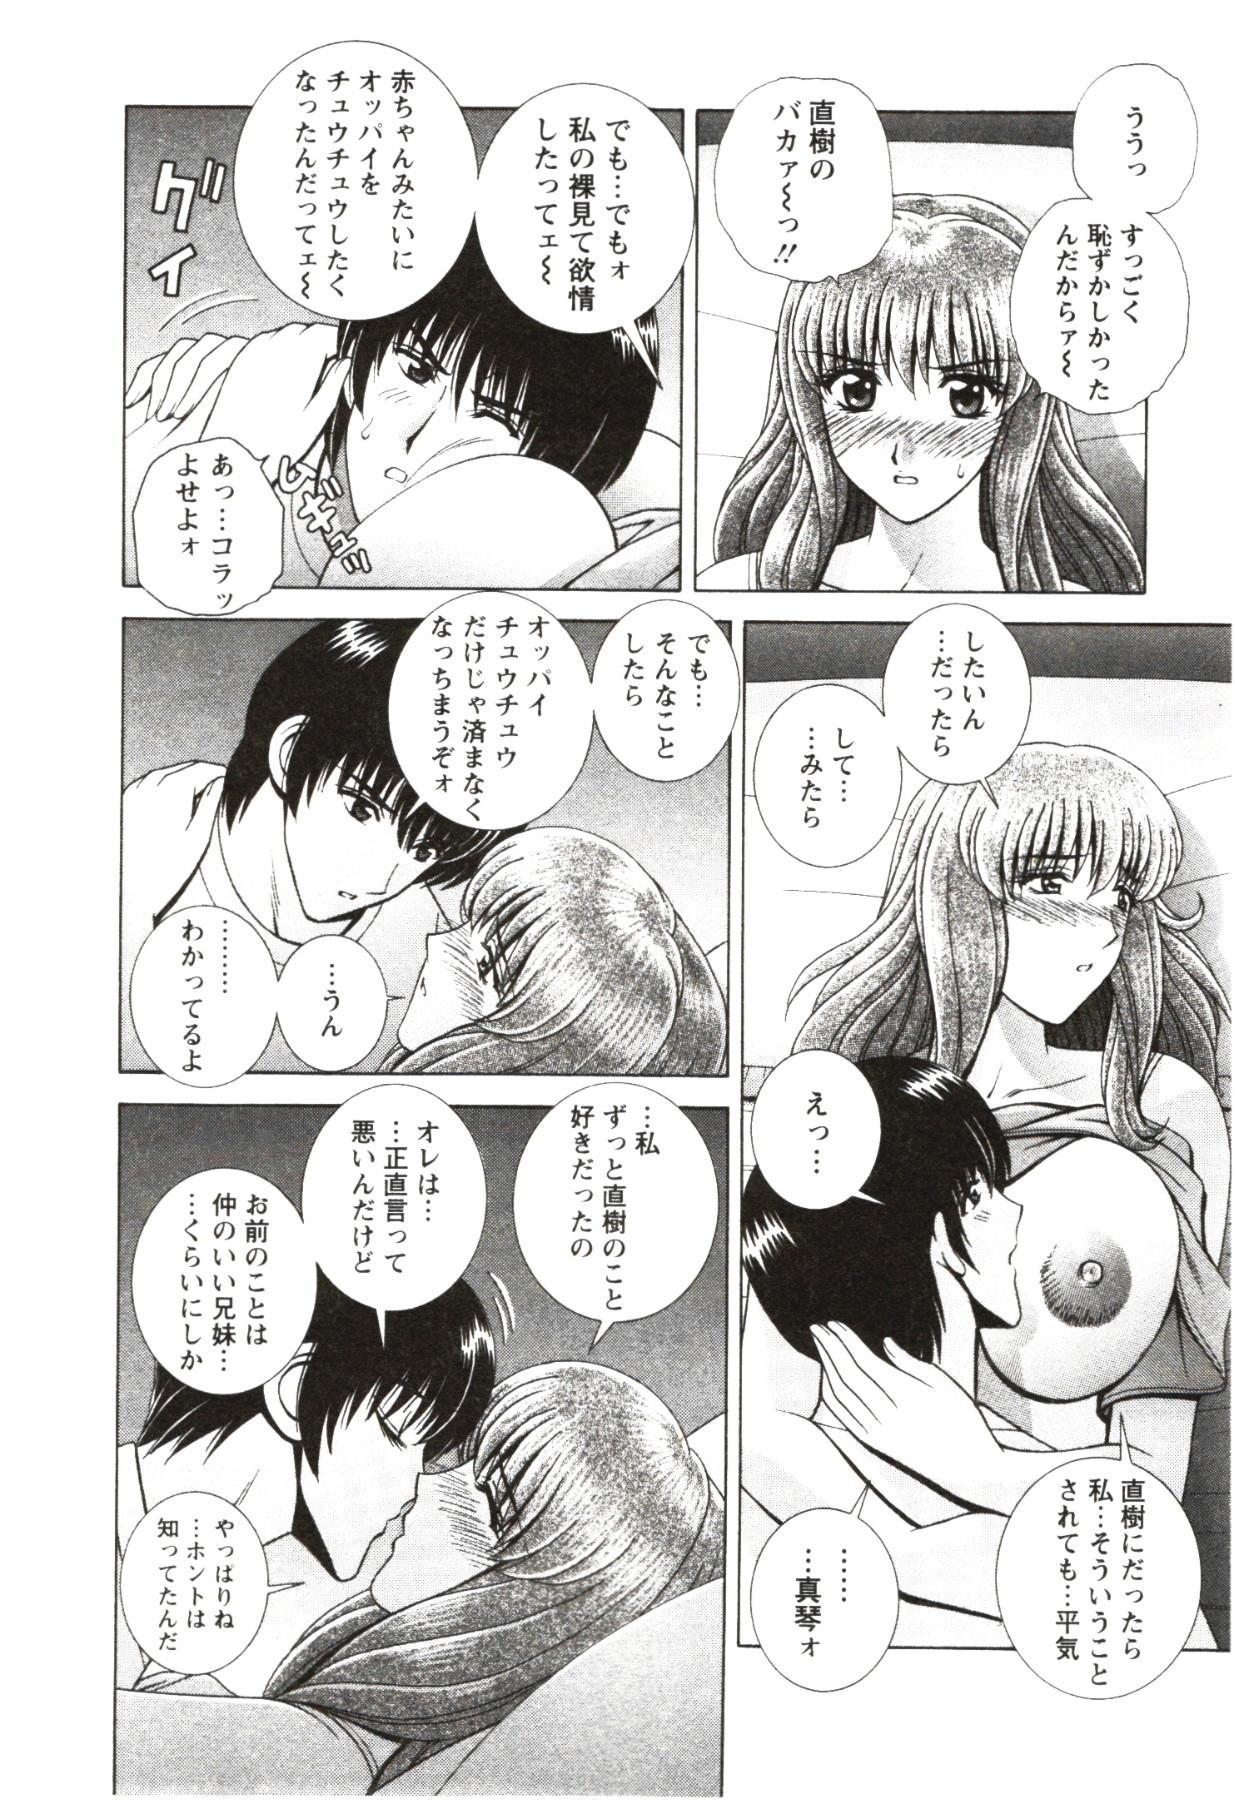 Futarigurashi 11